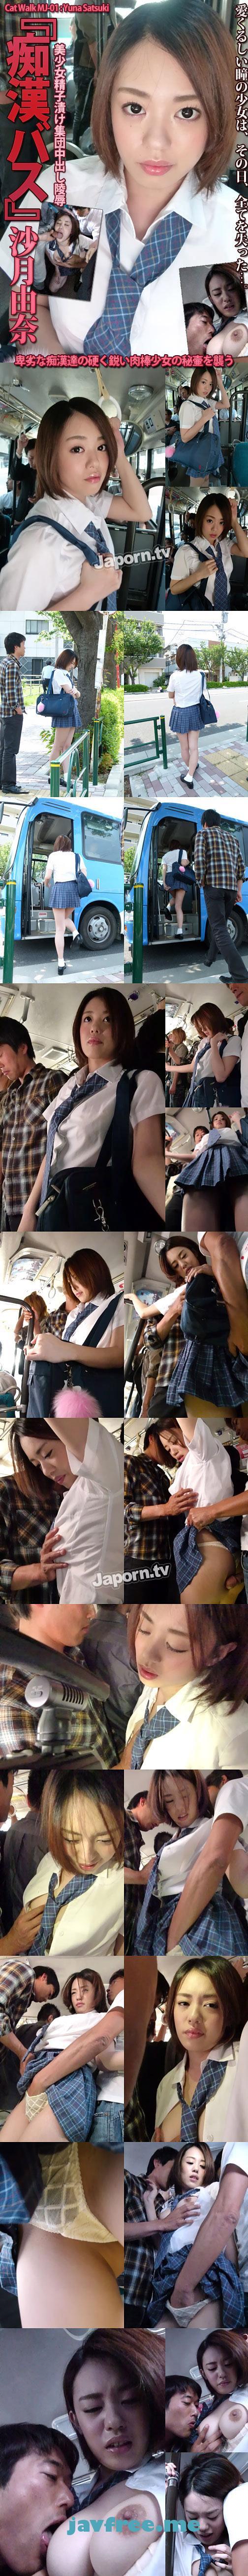 [HD][CWM 01][CWMBD 01] キャットウォーク MJ 01 ~JK痴漢バス~ : 沙月由奈  沙月由奈 Yuna Satsuki CWM